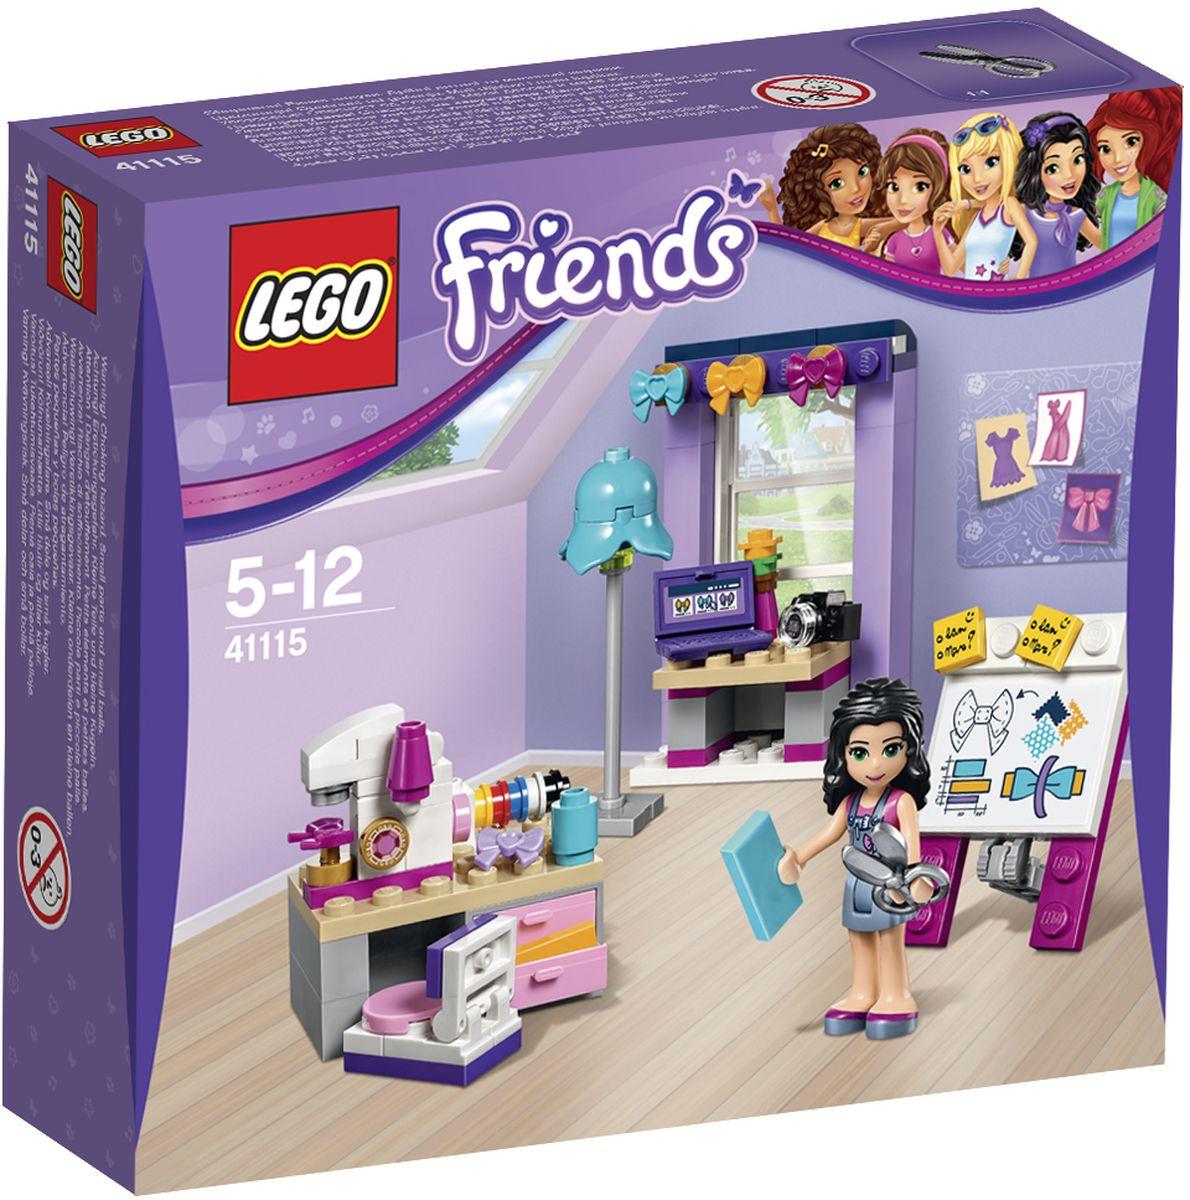 LEGO Friends Конструктор Творческая мастерская Эммы 4111541115Эмма делает красивые банты для волос и продает их в своем интернет-магазине. Рассмотрите выкройку на доске и используйте стикеры, чтобы предложить изменения или новые идеи. Пришло время для раскроя, но какой цвет подойдет для бантов лучше всего? Приступайте к работе со швейной машиной, чтобы помочь Эмме превратить свои проекты в готовые творения. А теперь ей нужно сфотографировать их и загрузить на свой веб-сайт. Набор включает в себя 108 разноцветных пластиковых элементов. Конструктор - это один из самых увлекательнейших и веселых способов времяпрепровождения. Ребенок сможет часами играть с конструктором, придумывая различные ситуации и истории.